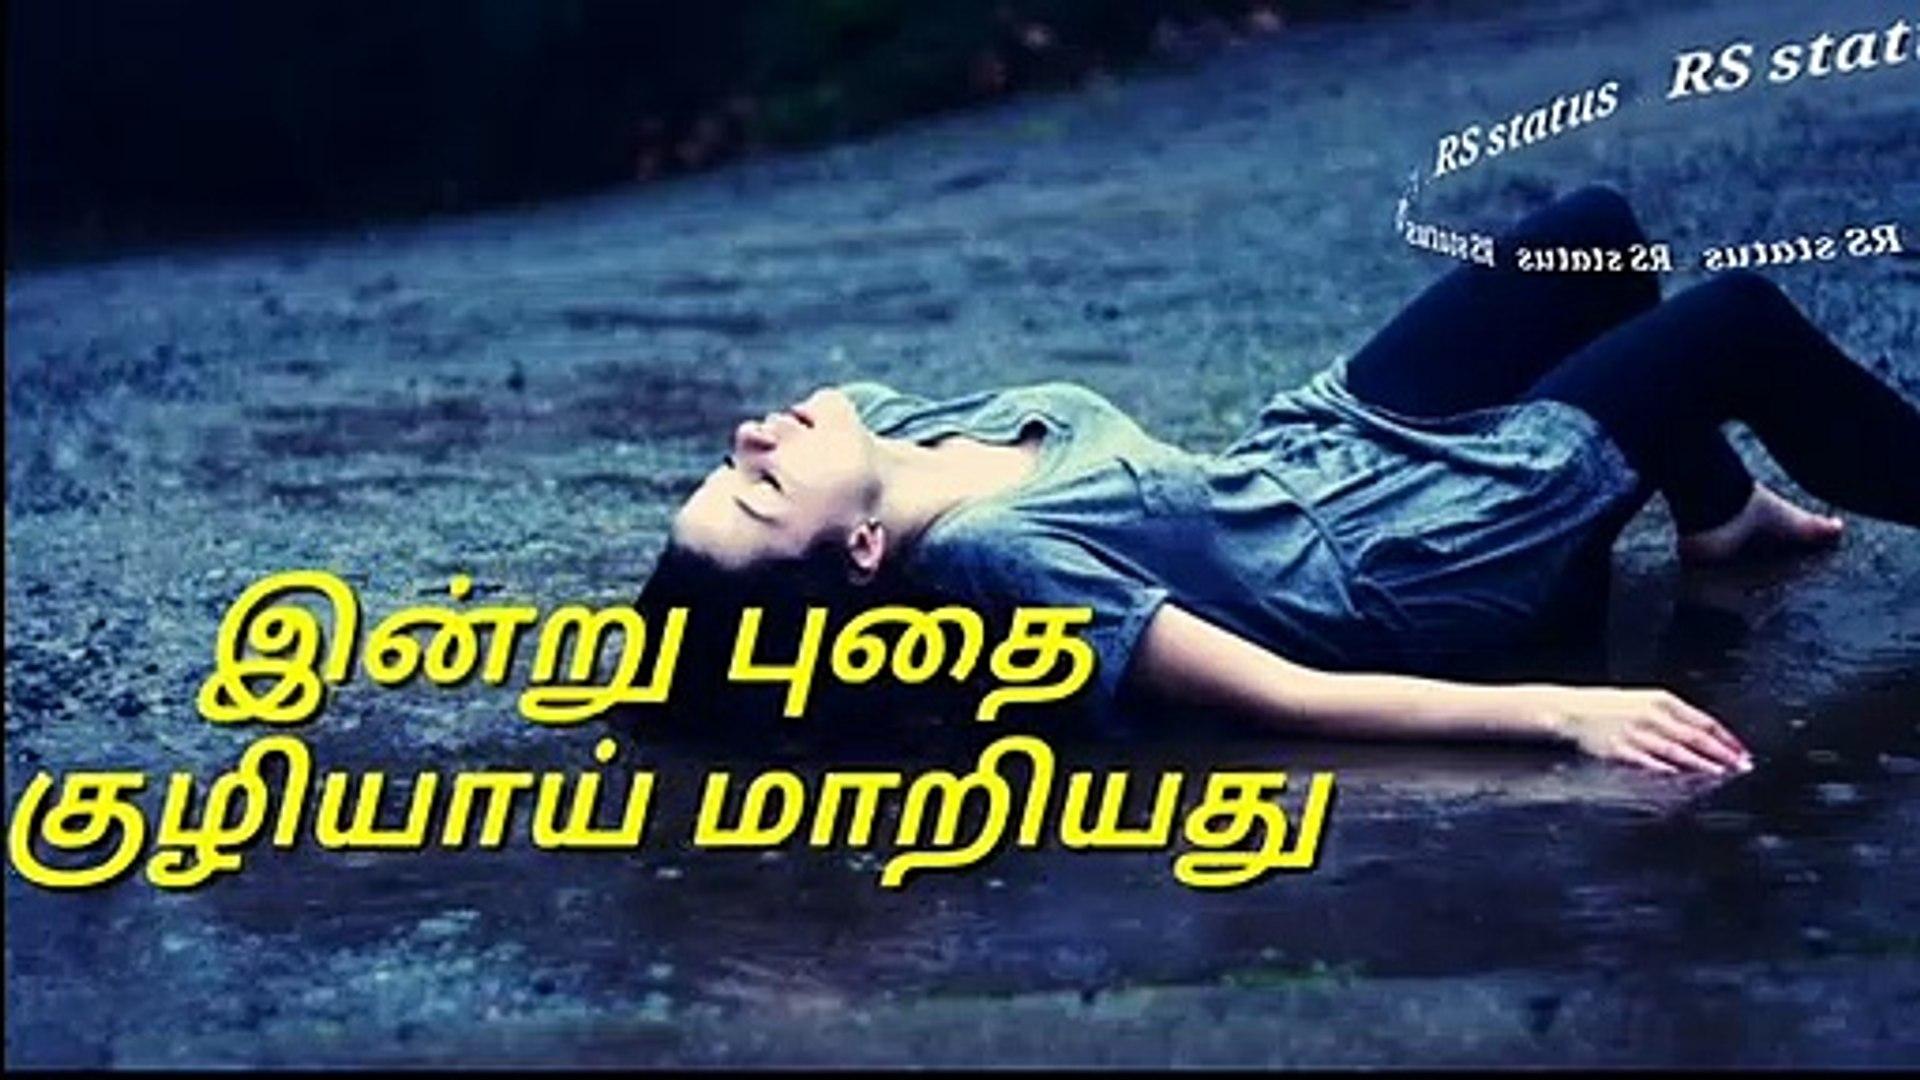 Tamil songs status RS status Tamil what's app status sad status emotional and mental status